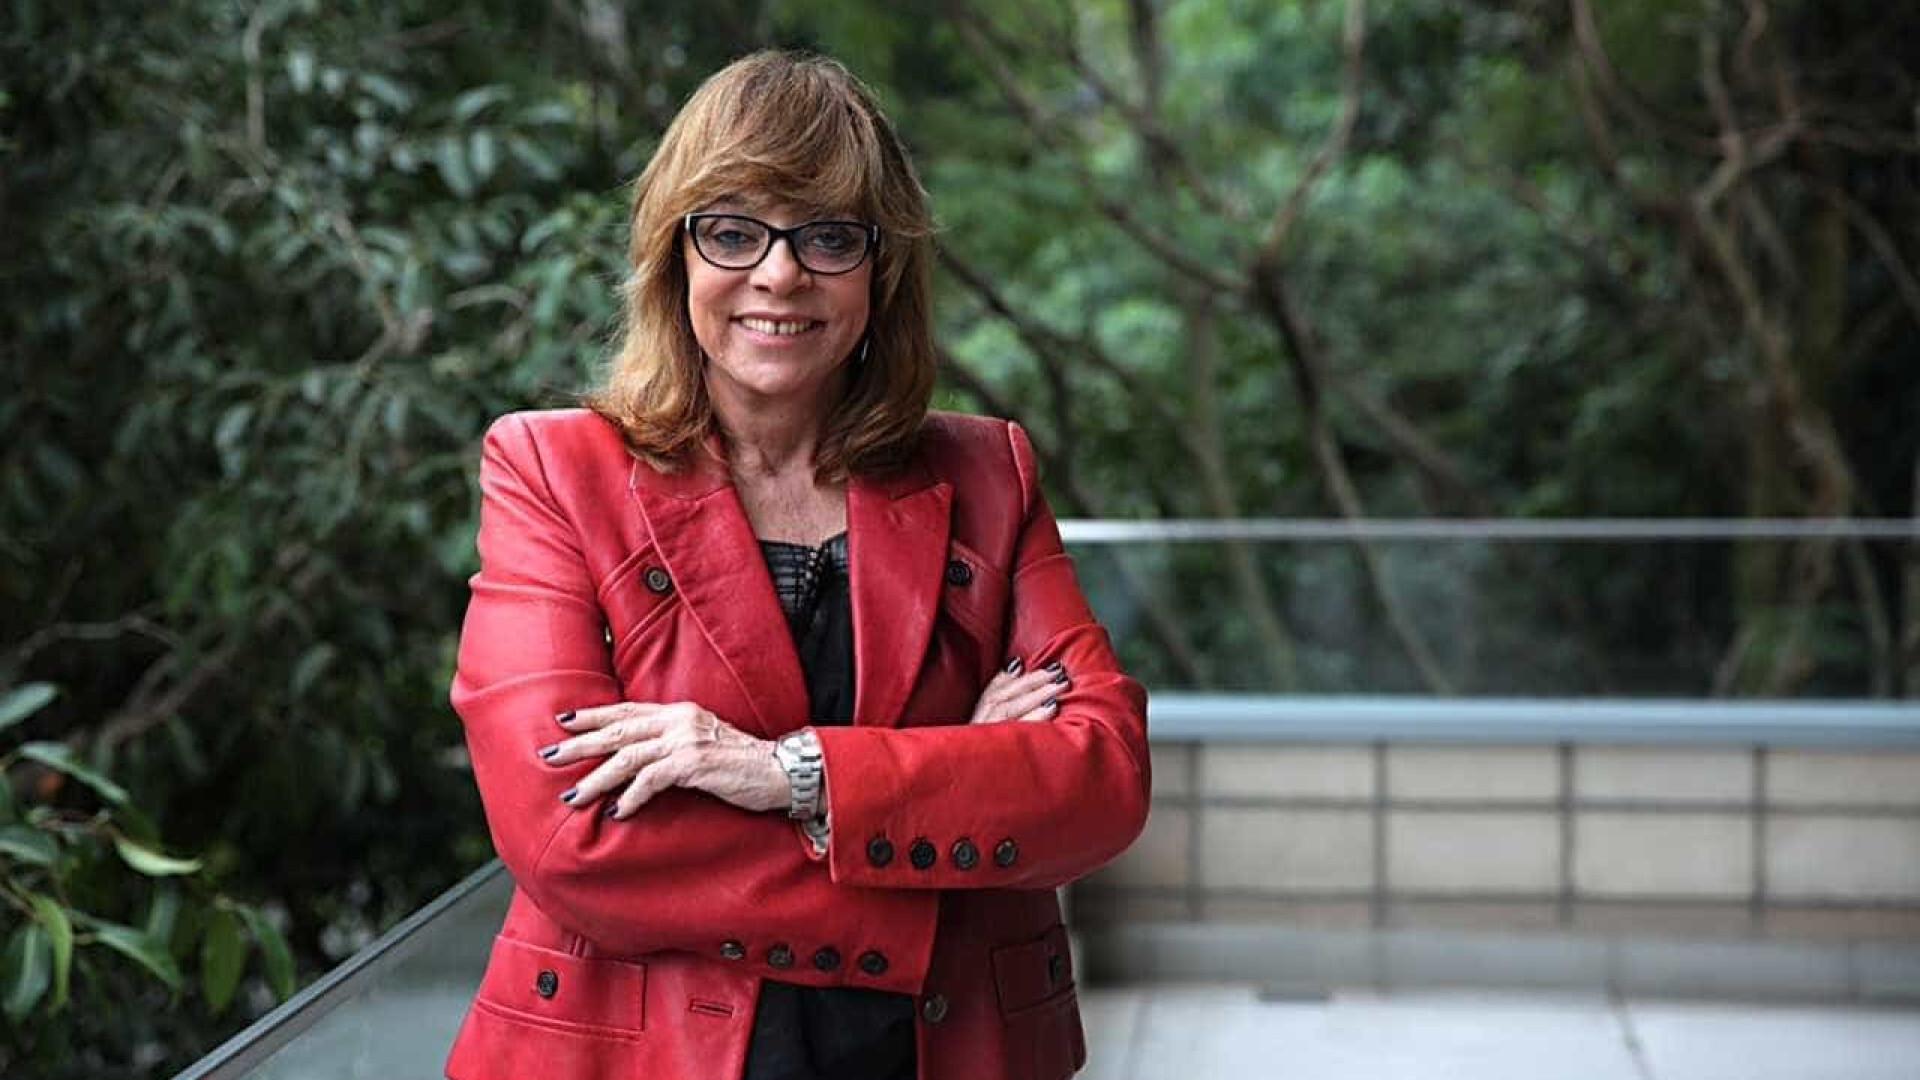 'À Flor da Pele' não será mais título da próxima novela de Glória Perez